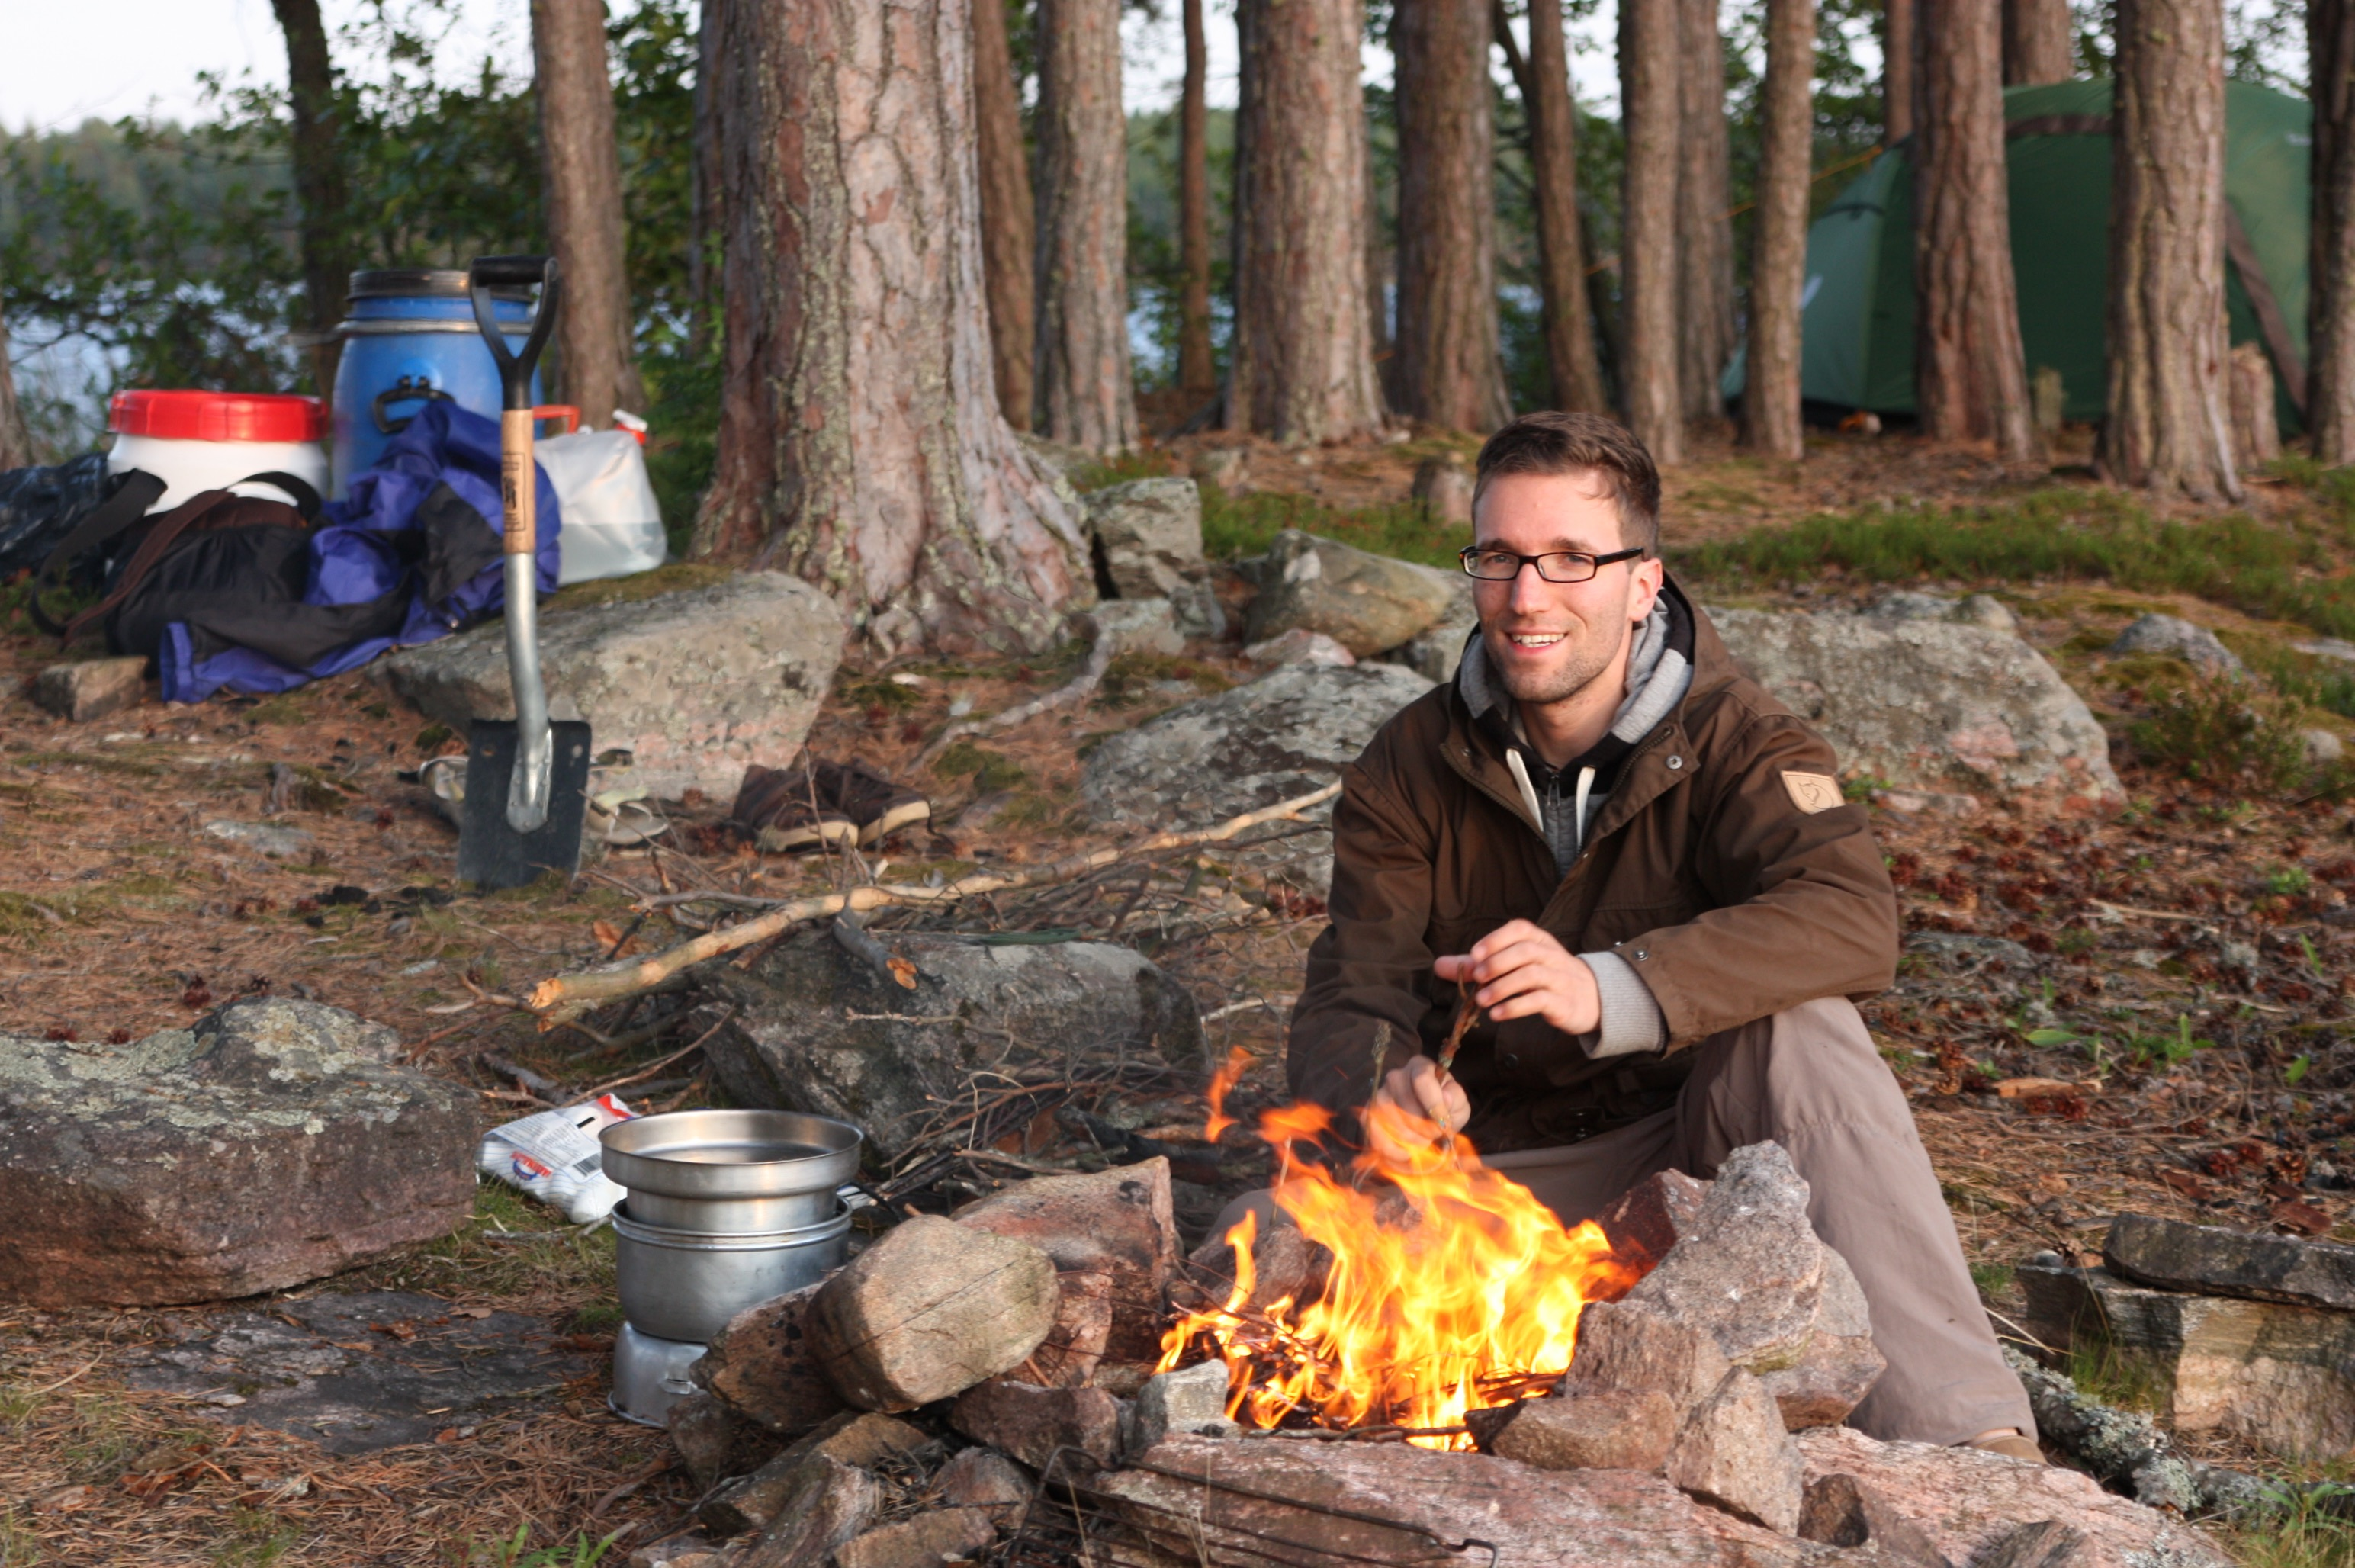 Lagerfeuer und Marshmallows auf einer winzigen Insel.